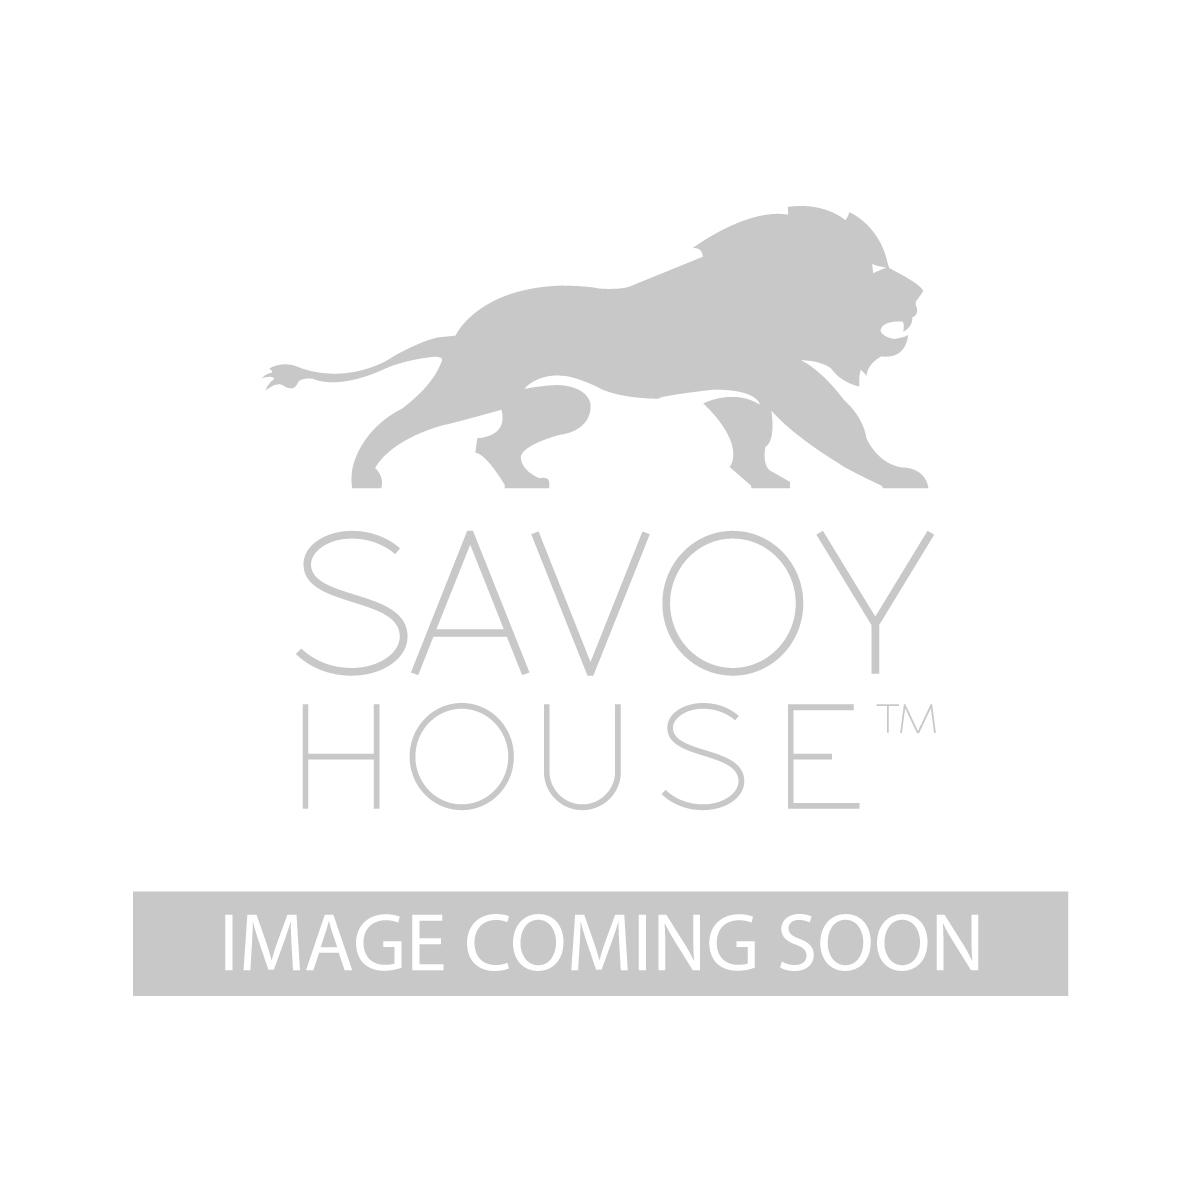 5 230 Bk Sierra Wall Lantern By Savoy House